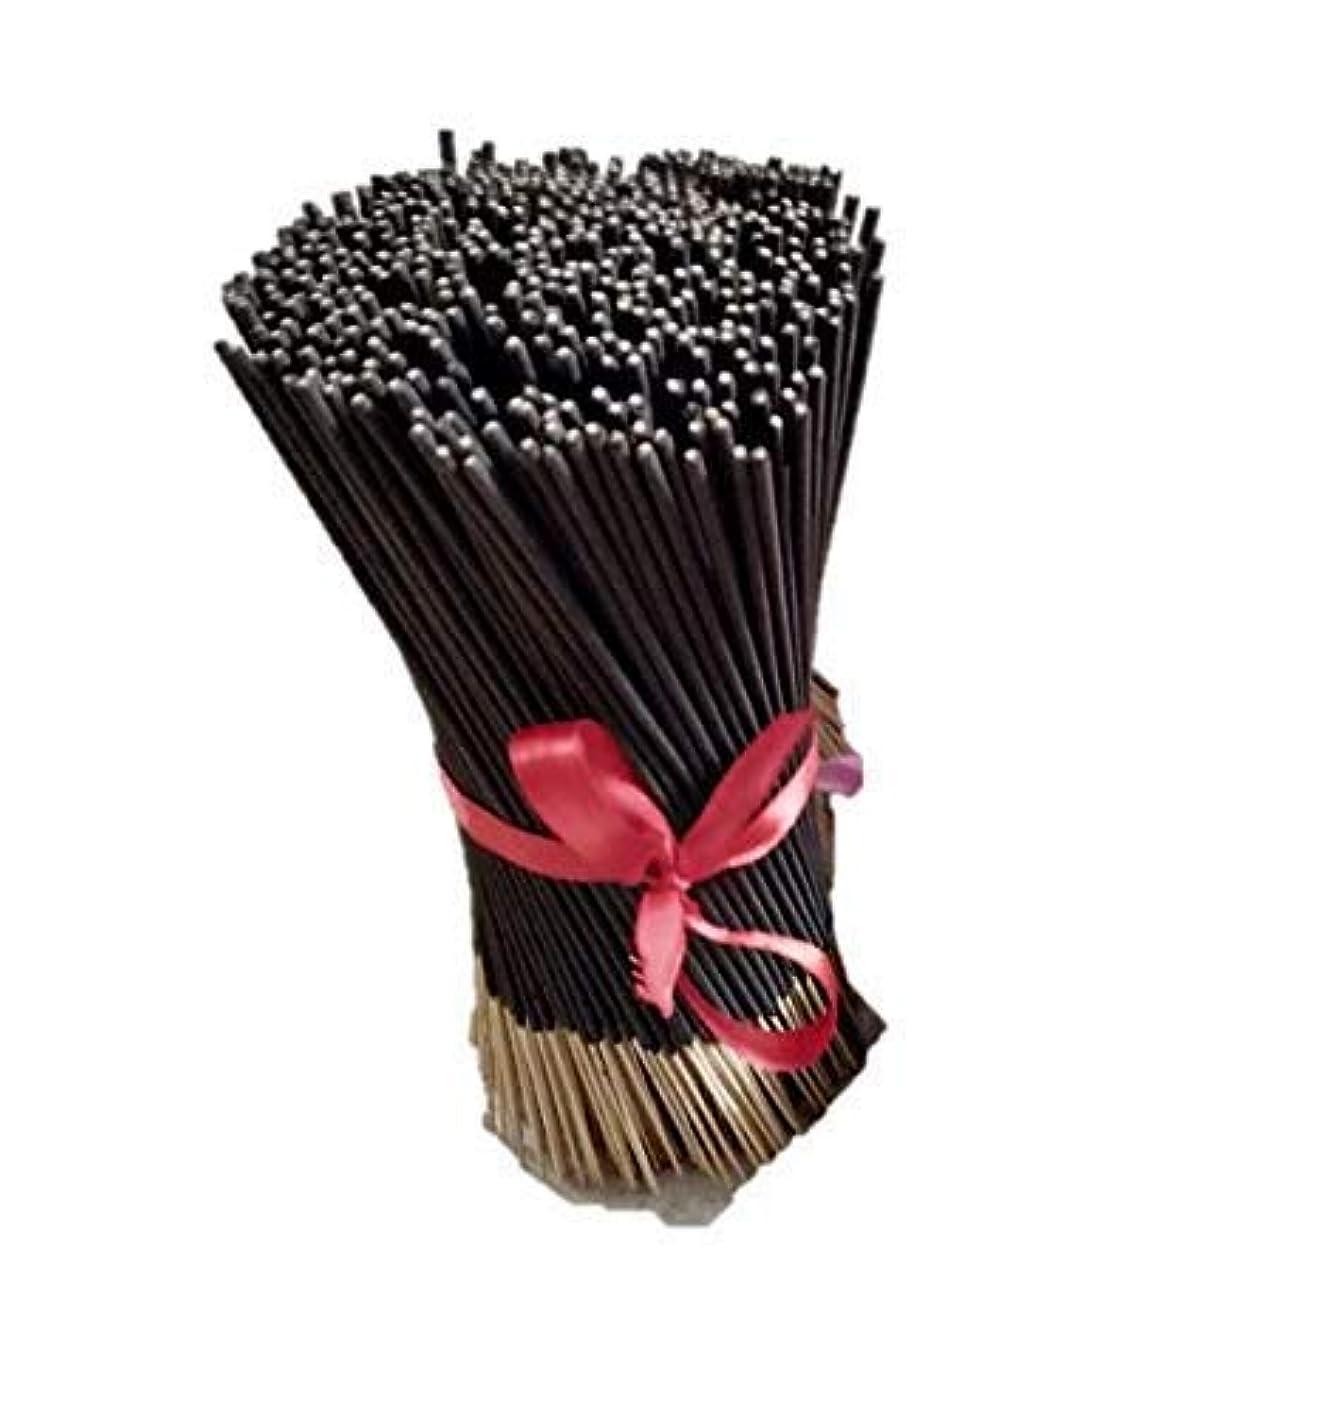 忠実ロゴ楽しいAroma Natural Products Raw Charcoal Incense Stick 1 Kilograms